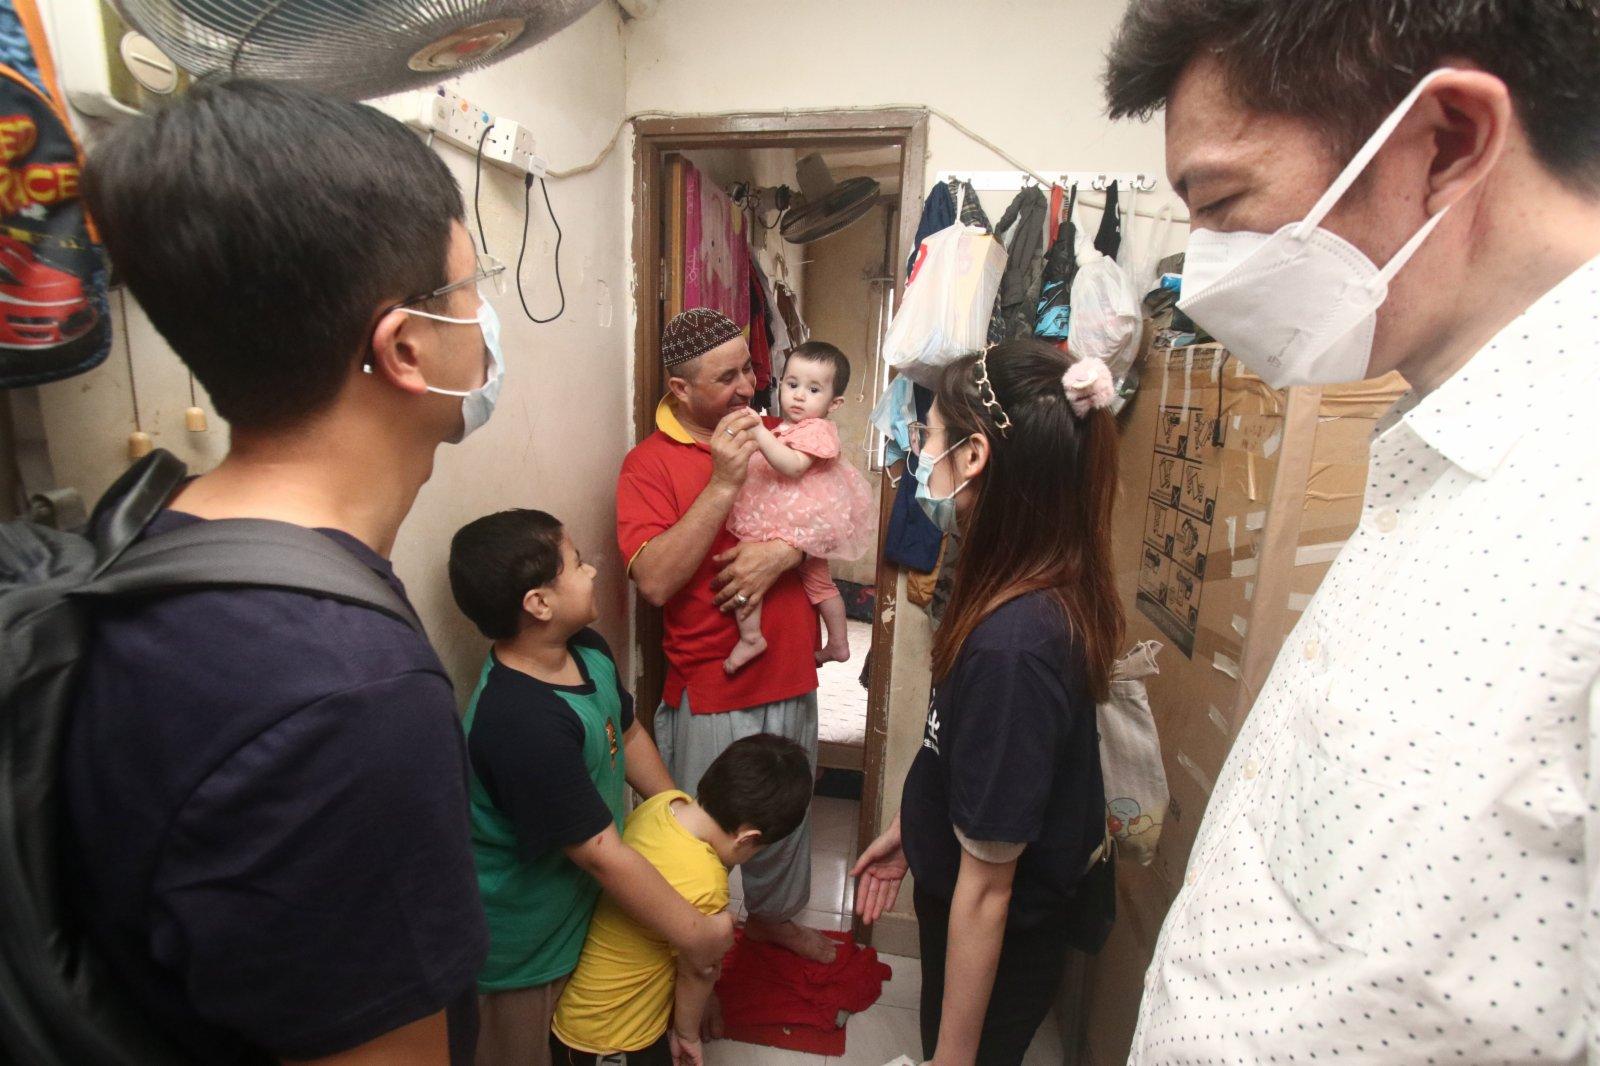 香港中文大學醫科畢業生李菀容、香港科技大學計算機科學四年級生林衍宏,在中聯辦教育科技部副部長徐凱的陪同下,探訪一個巴基斯坦裔的五人家庭。(香港文匯報記者 攝)